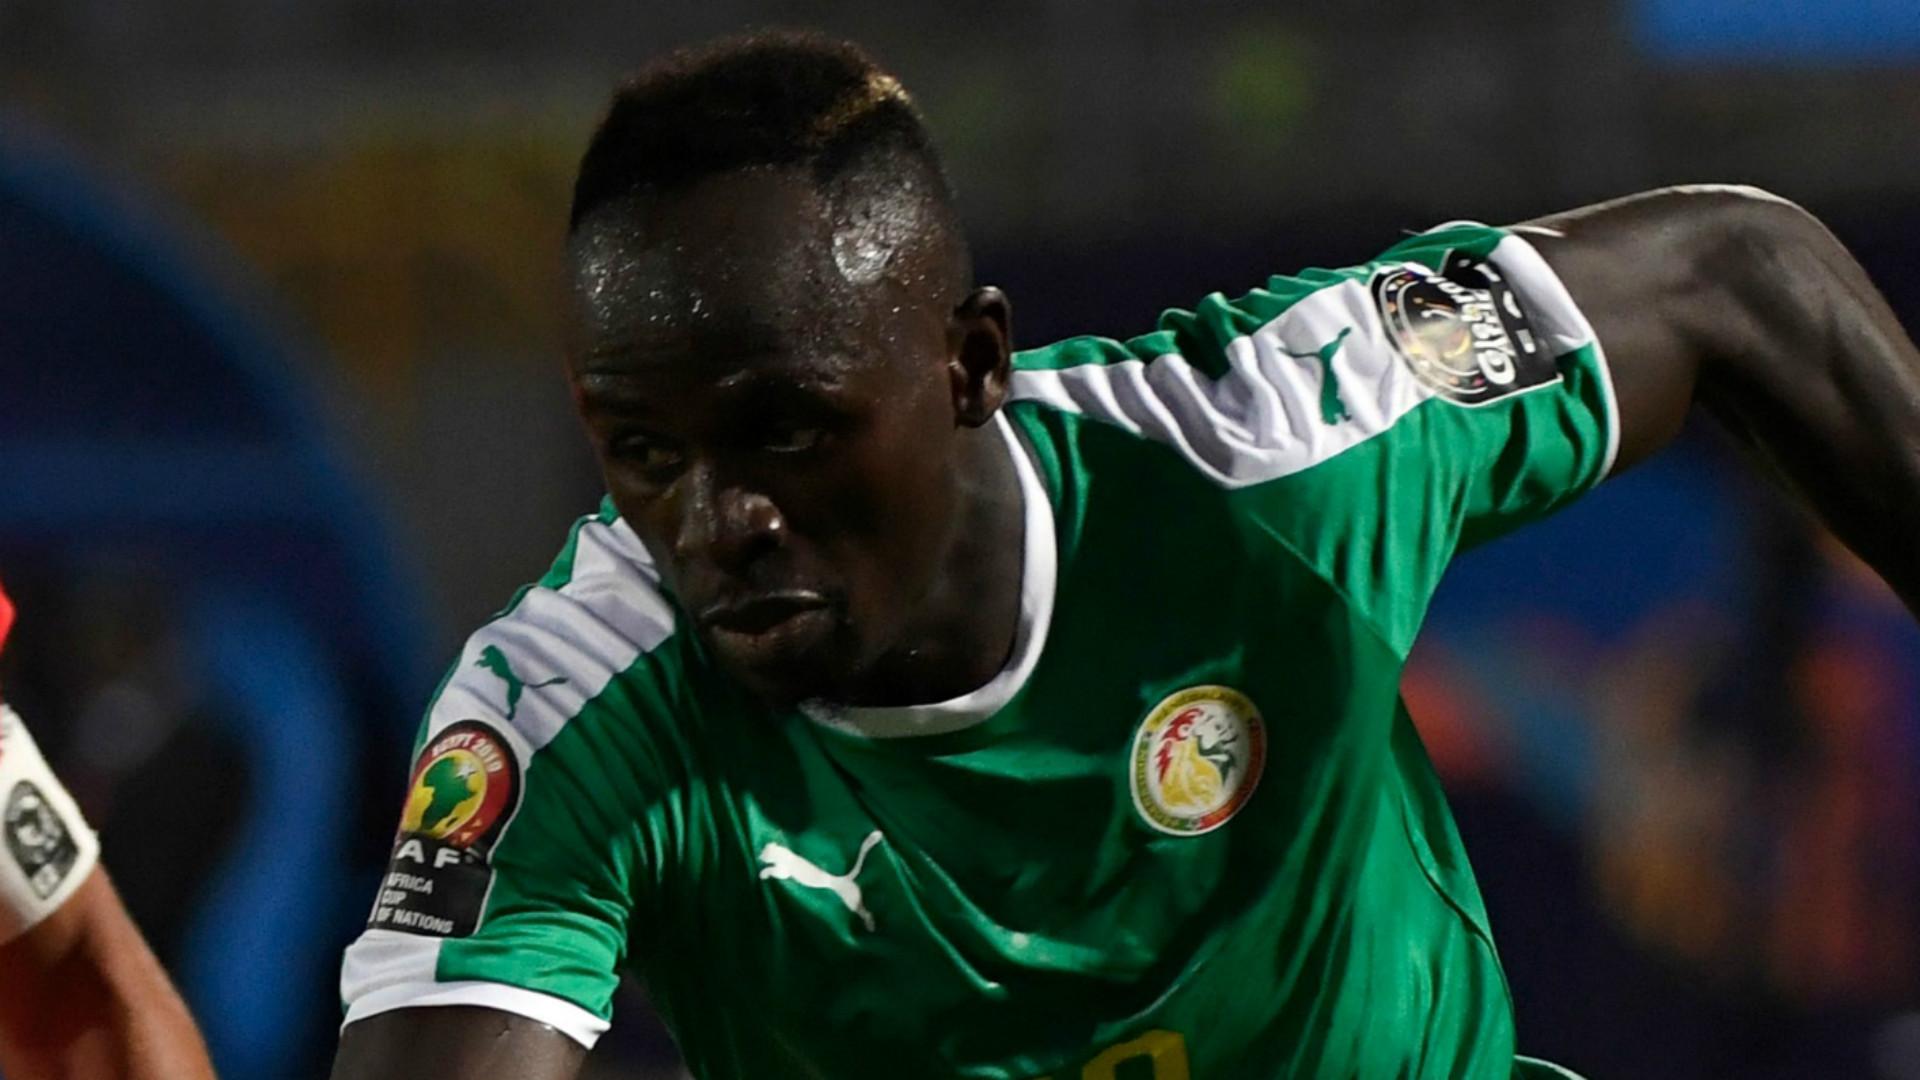 马内因非洲杯缺阵季前赛 克洛普表示不满